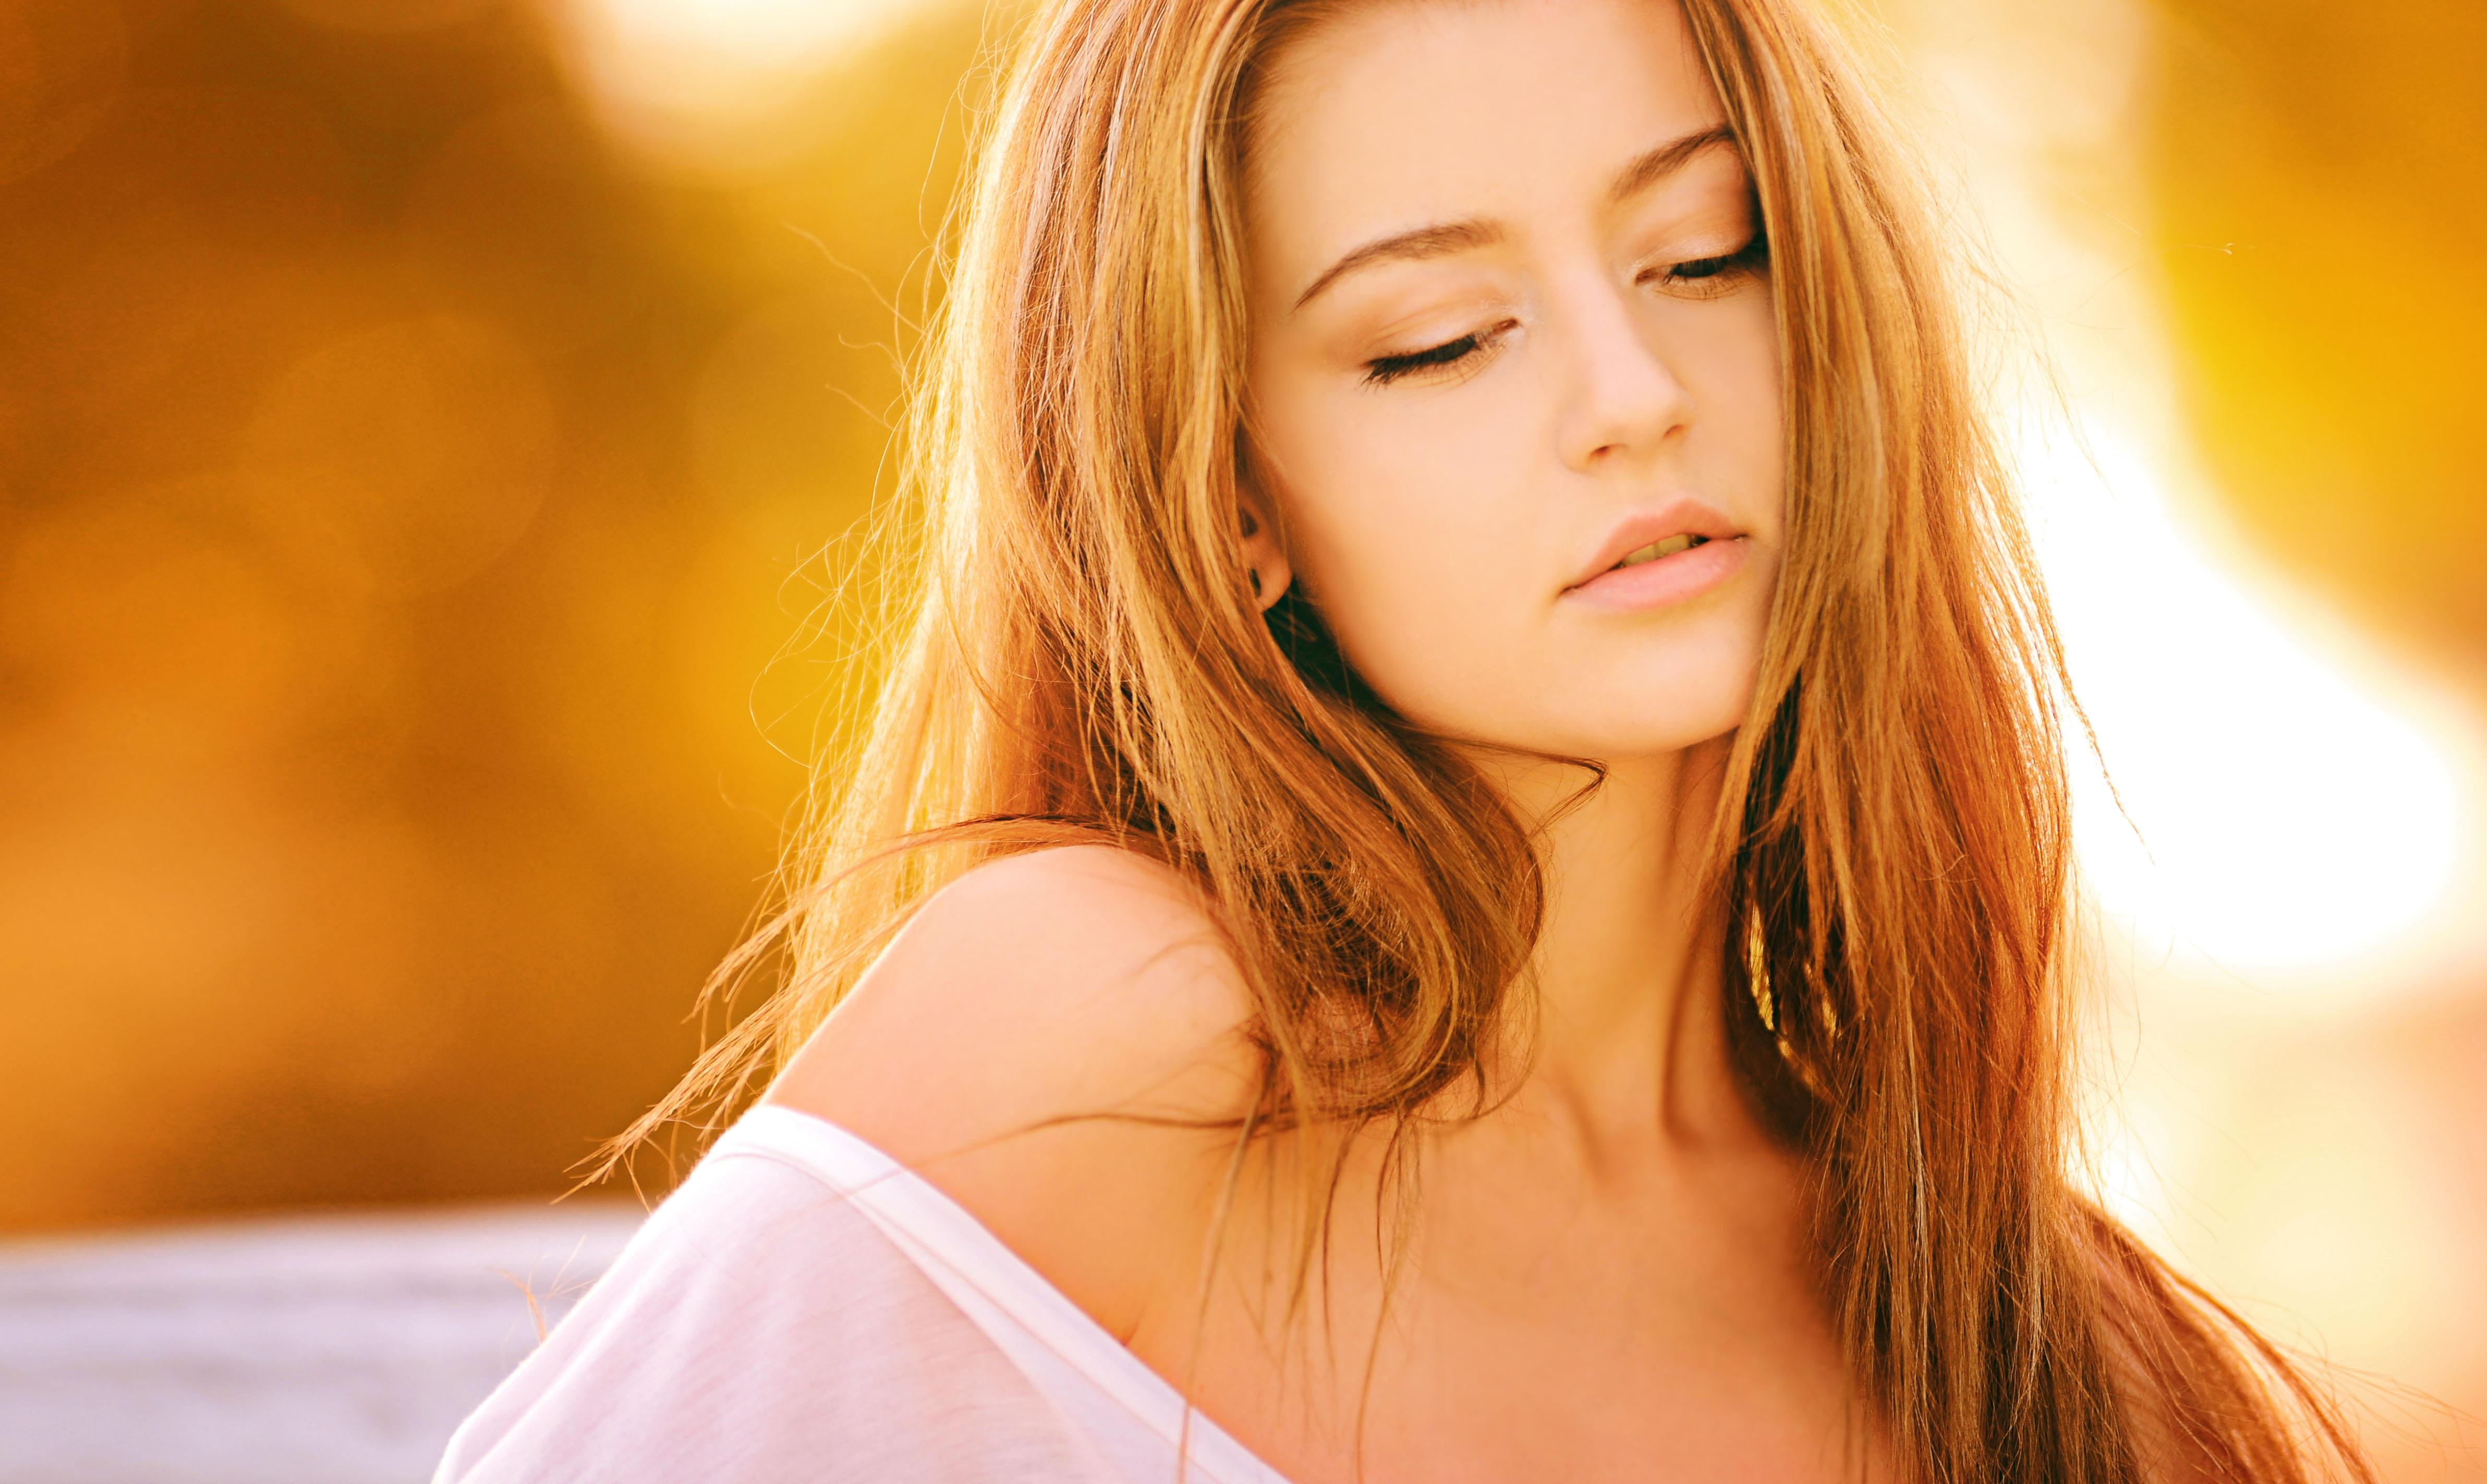 7 вещей, которые нужно делать каждый день, чтобы стать идеальной женщиной